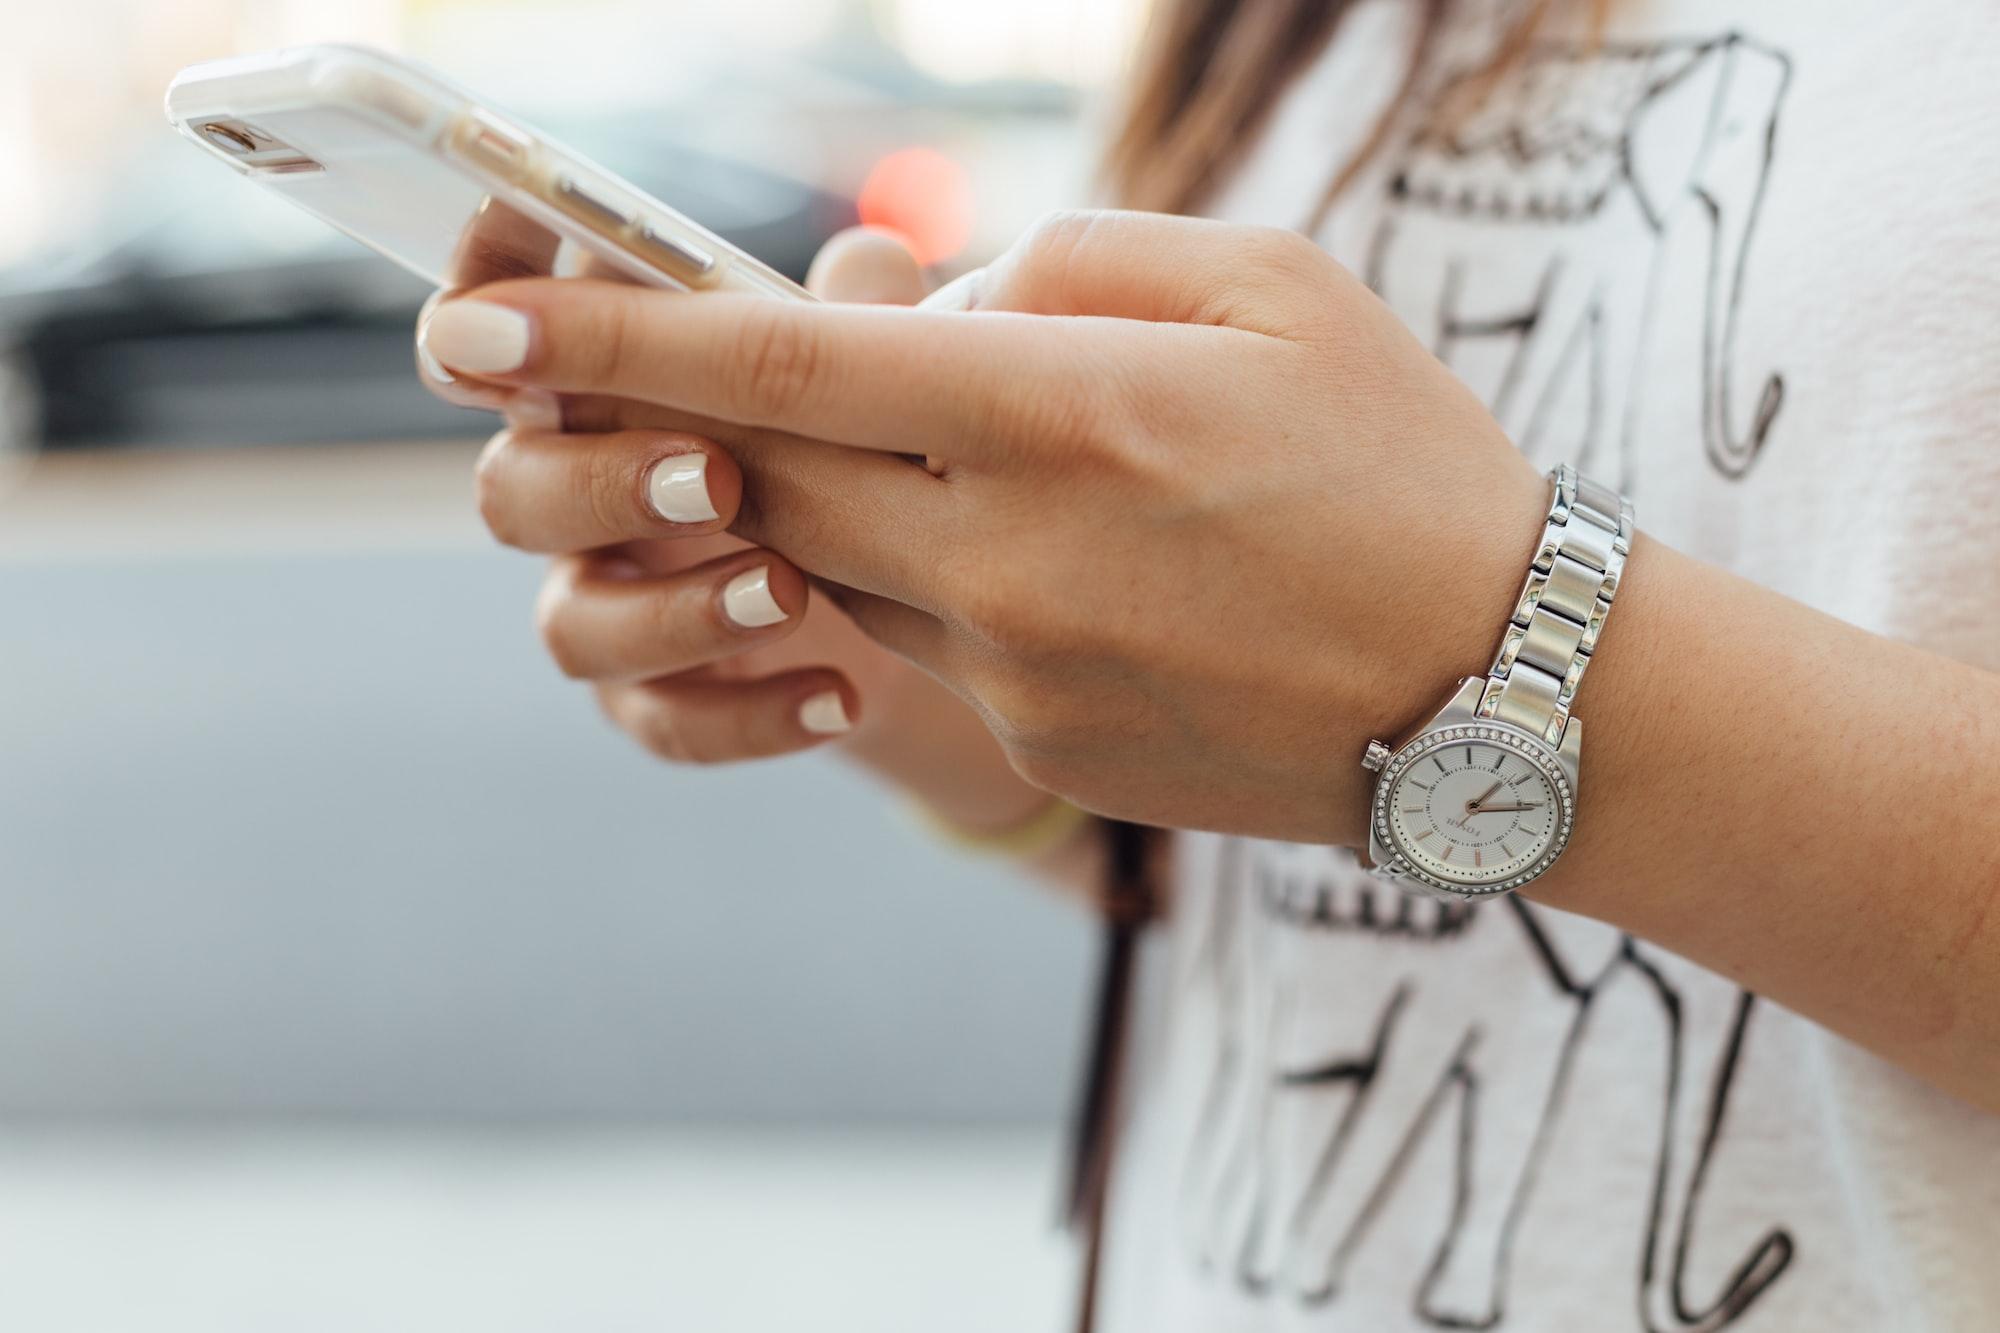 Utilizzo dell'interpretariato telefonico nei servizi sanitari